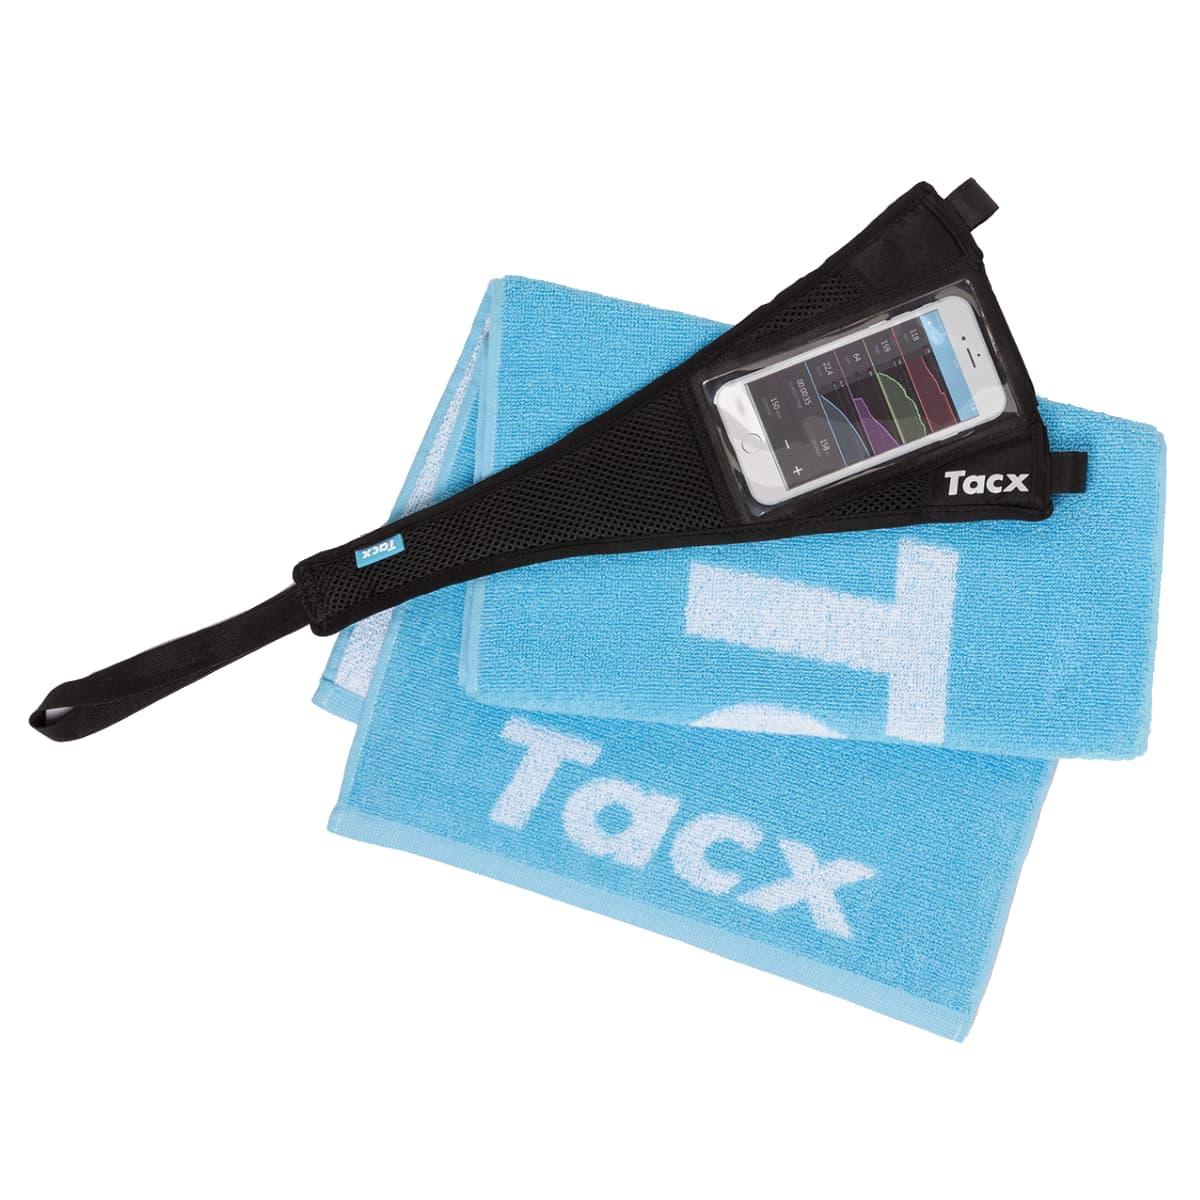 ENSEMBLE TACX T2935  INCLUANT PROTECTEUR DE TRANSPIRATION ET SERVIETTE